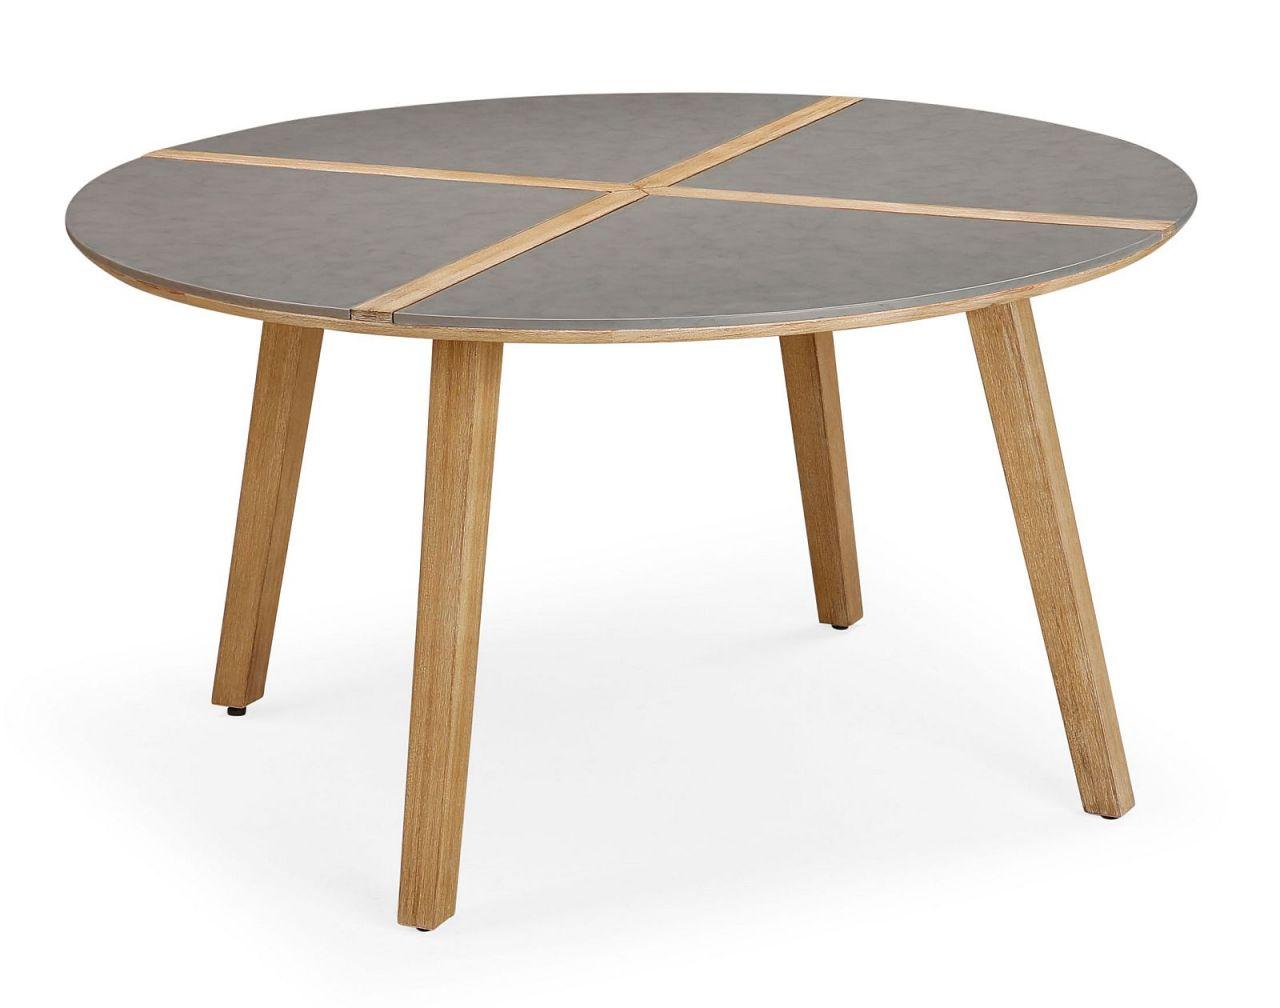 Gartentisch Rund Möbel.Dining Tisch Gartentisch Rund ø 140 Cm Massivholz Tischplatte Beton Holzintarsie Bf Bonito